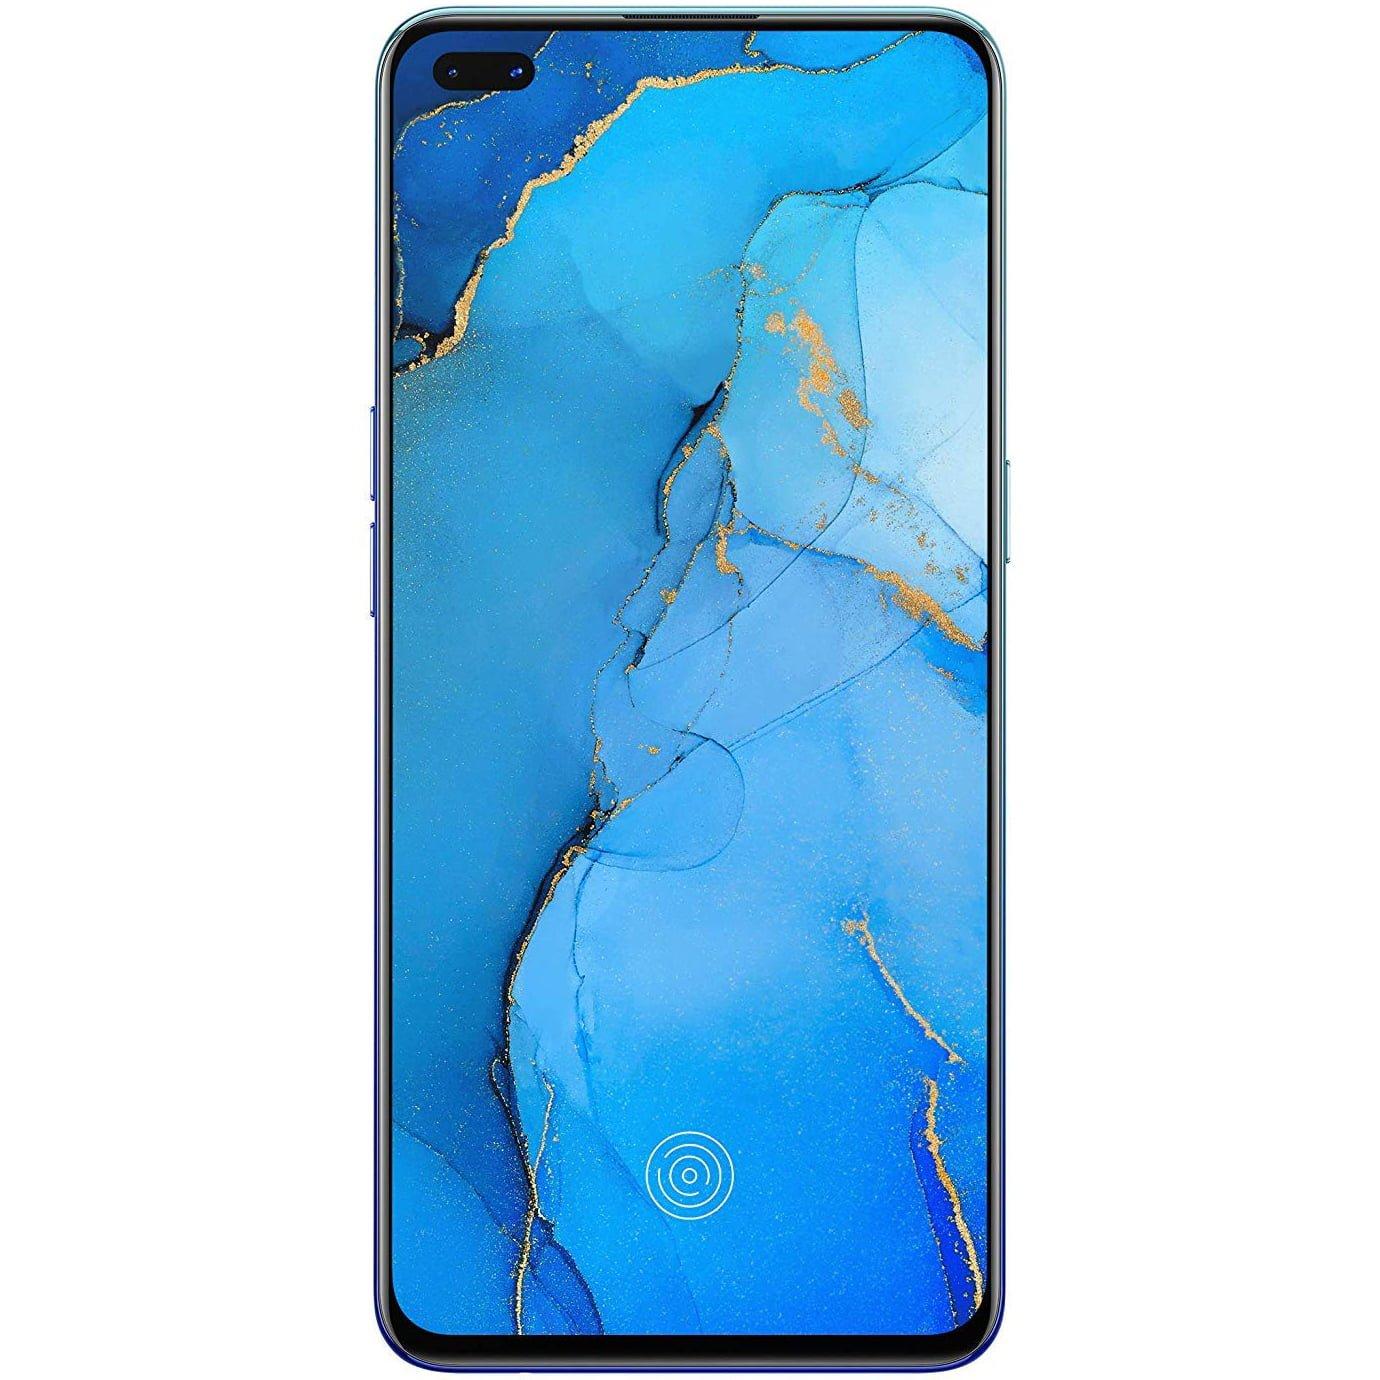 Telefon mobil Oppo Reno 3 Pro, Dual SIM, 256GB, 8GB RAM, 4G, Auroral Blue